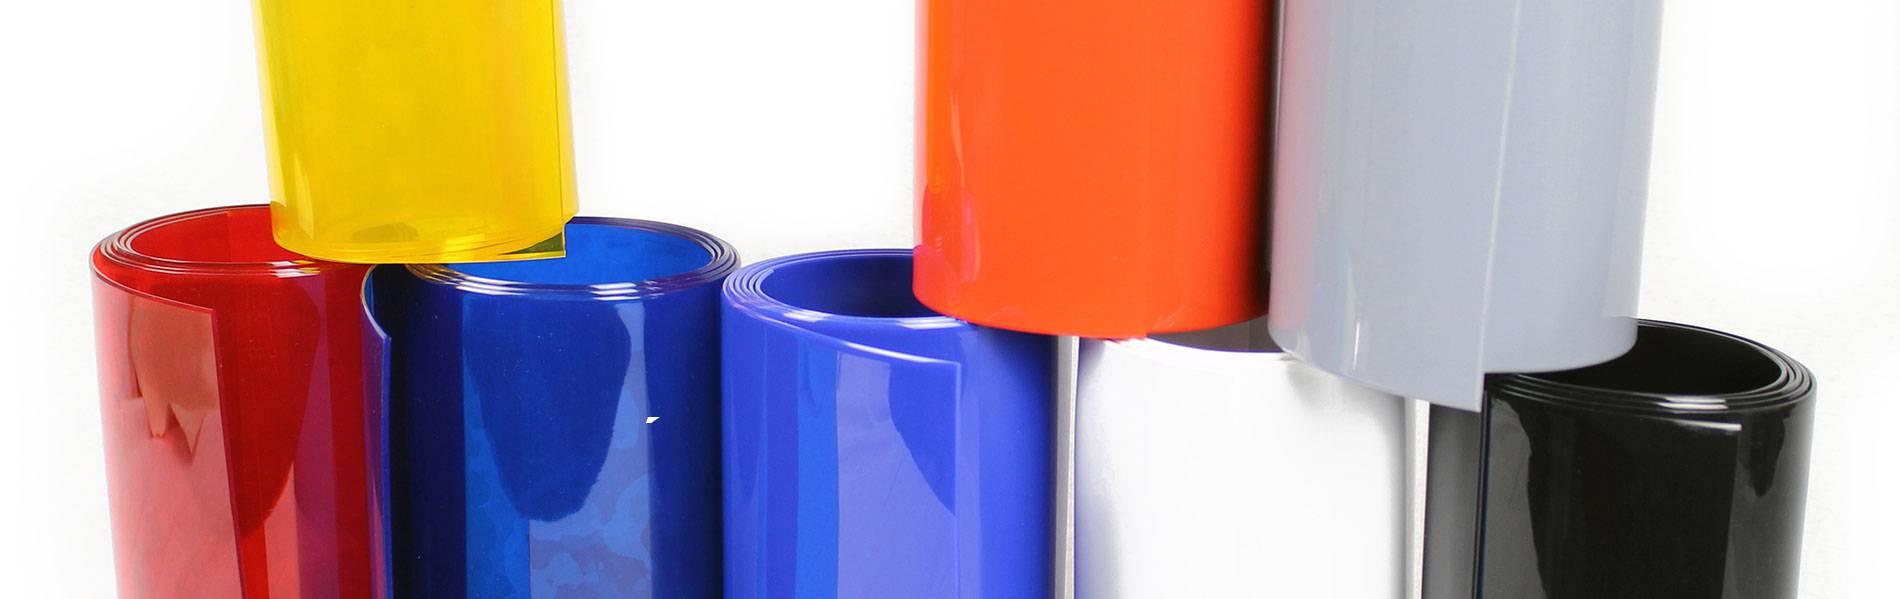 lanières colorées slide